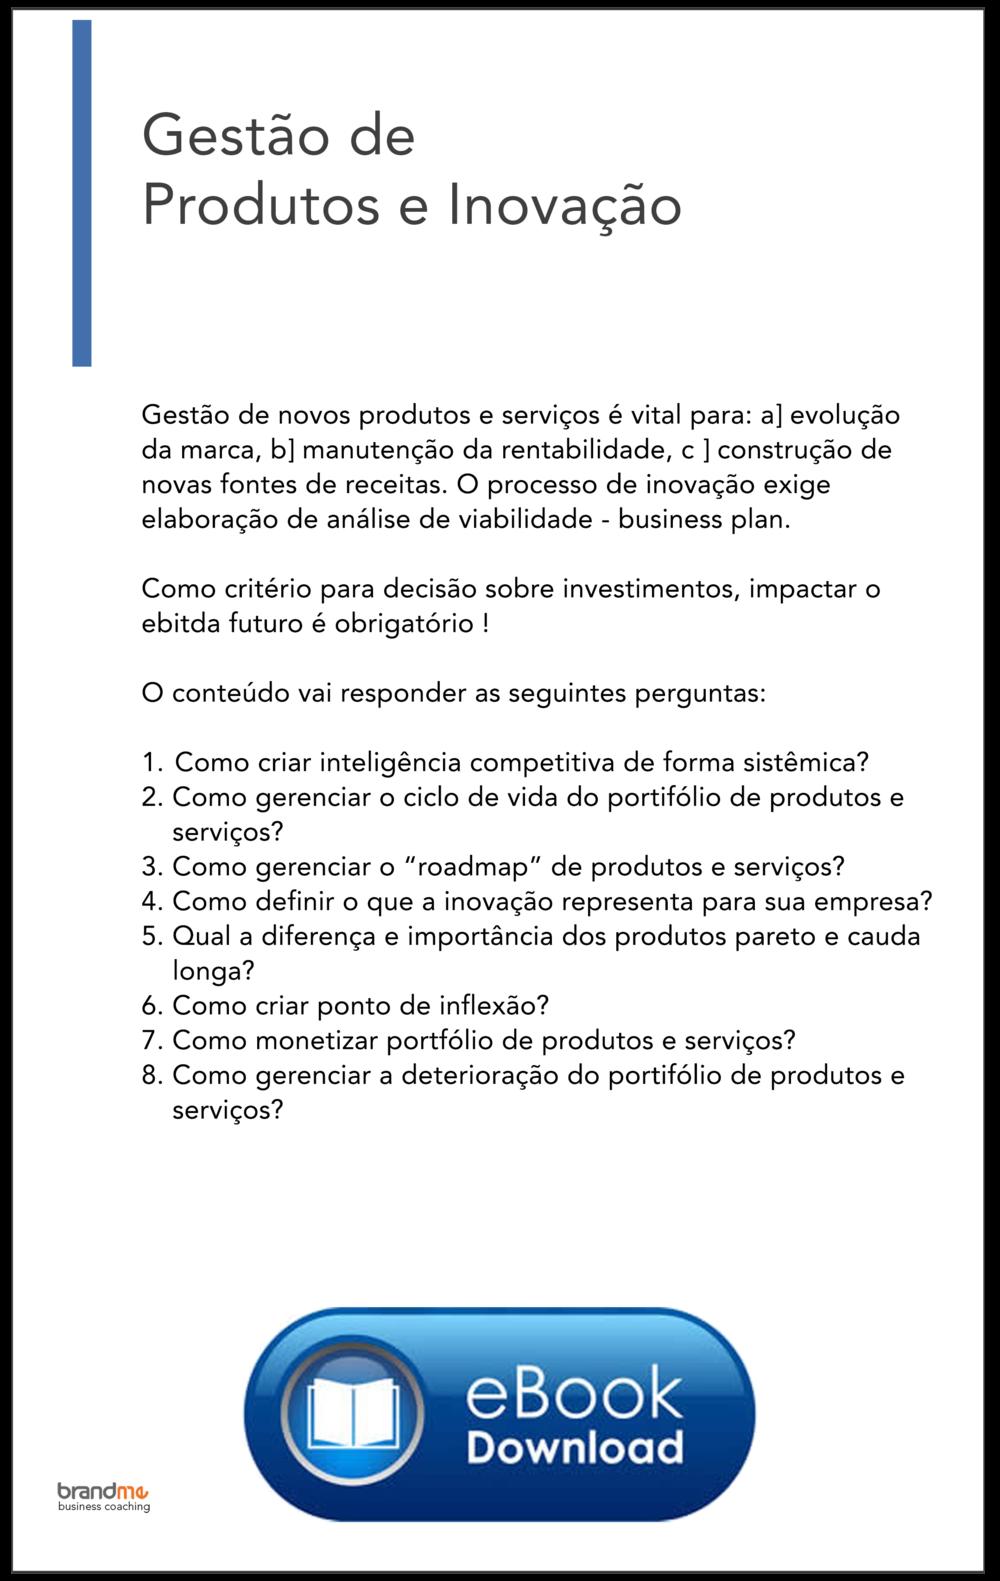 download ebook Gestão de Produtos e Inovação